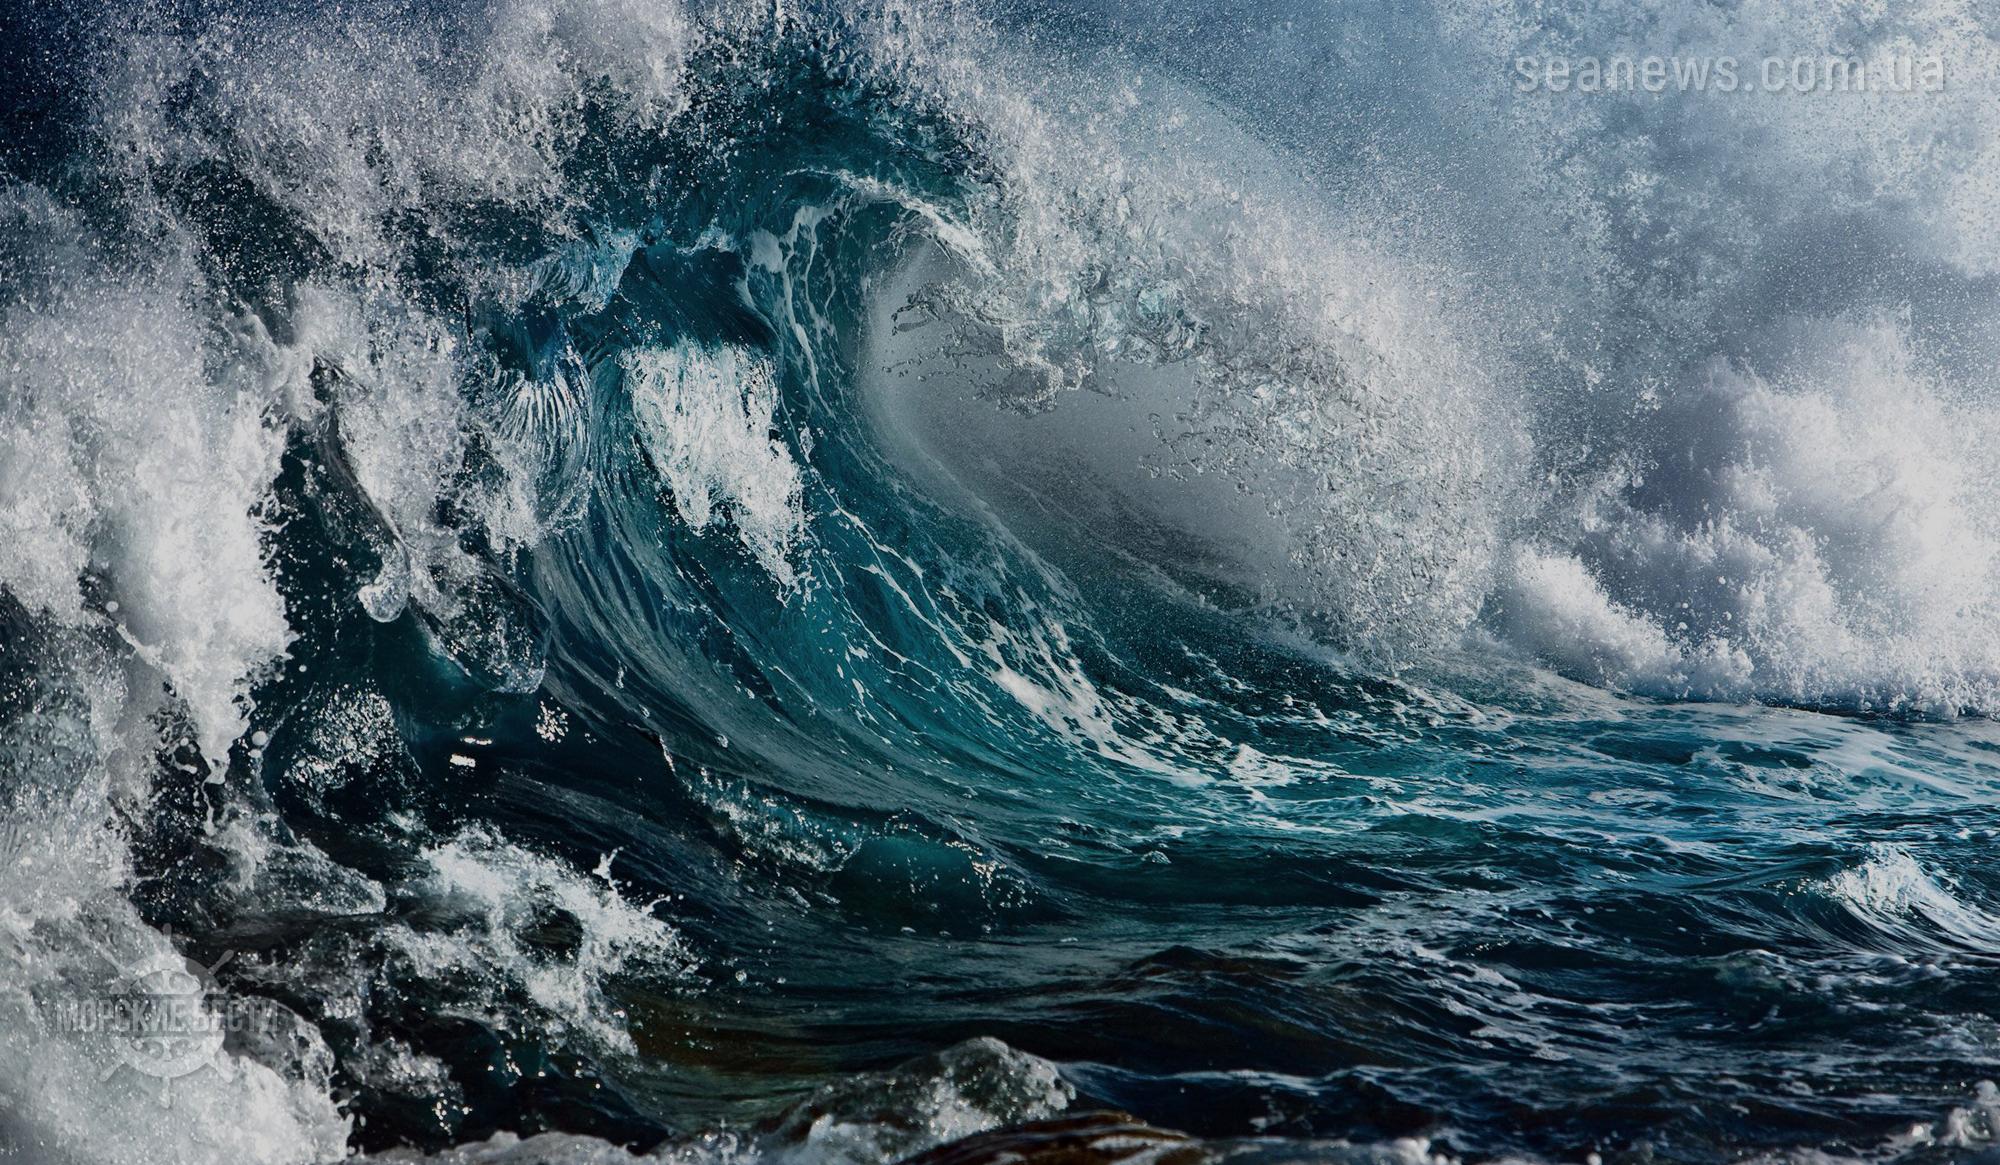 В Бермудском треугольнике нашли странные подводные объекты